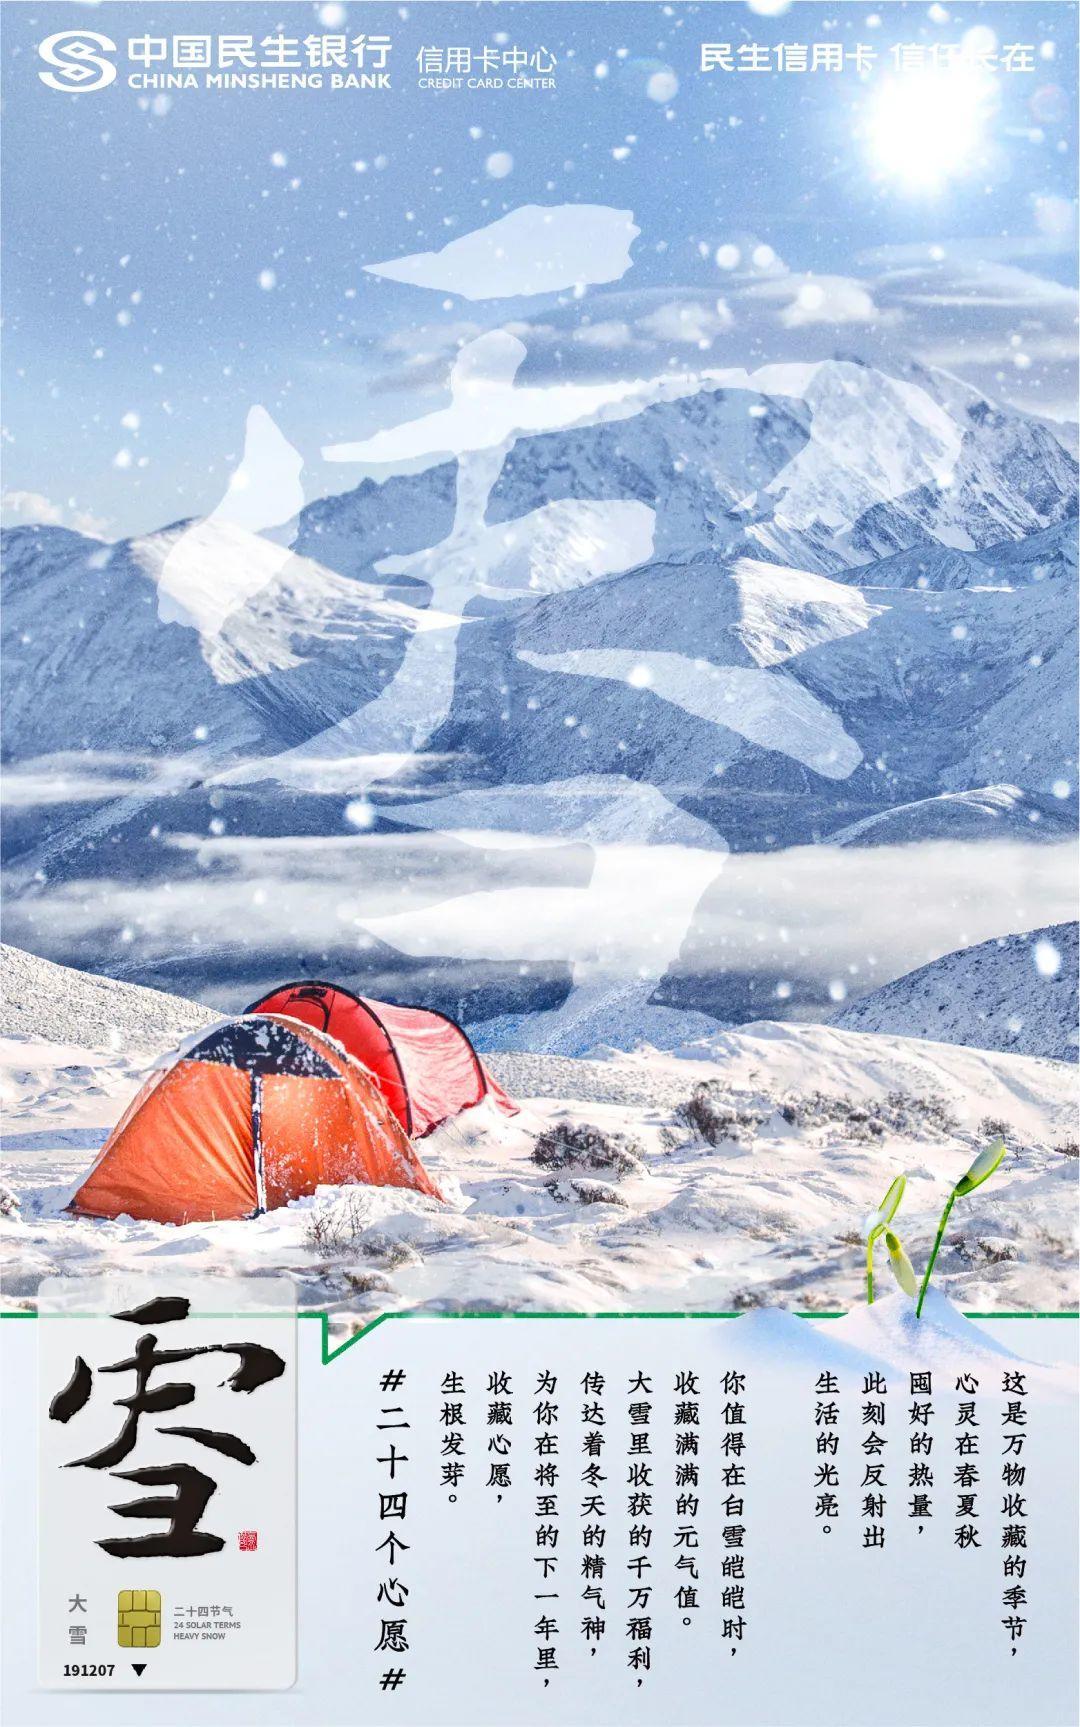 民生信用卡「二十四节气字体」,藏着四季的迷人风景